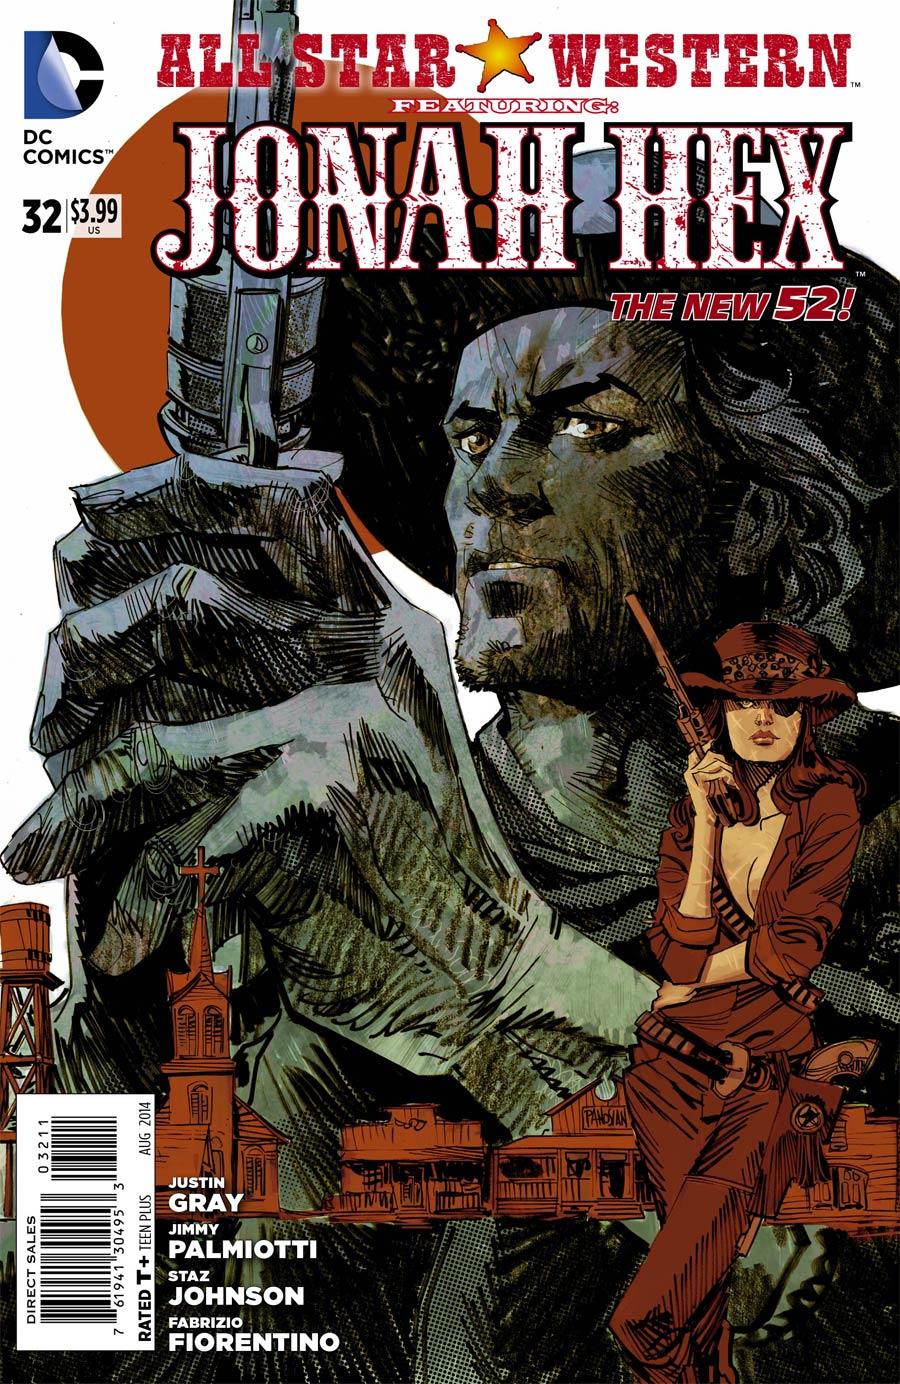 All Star Western Vol 3 #32